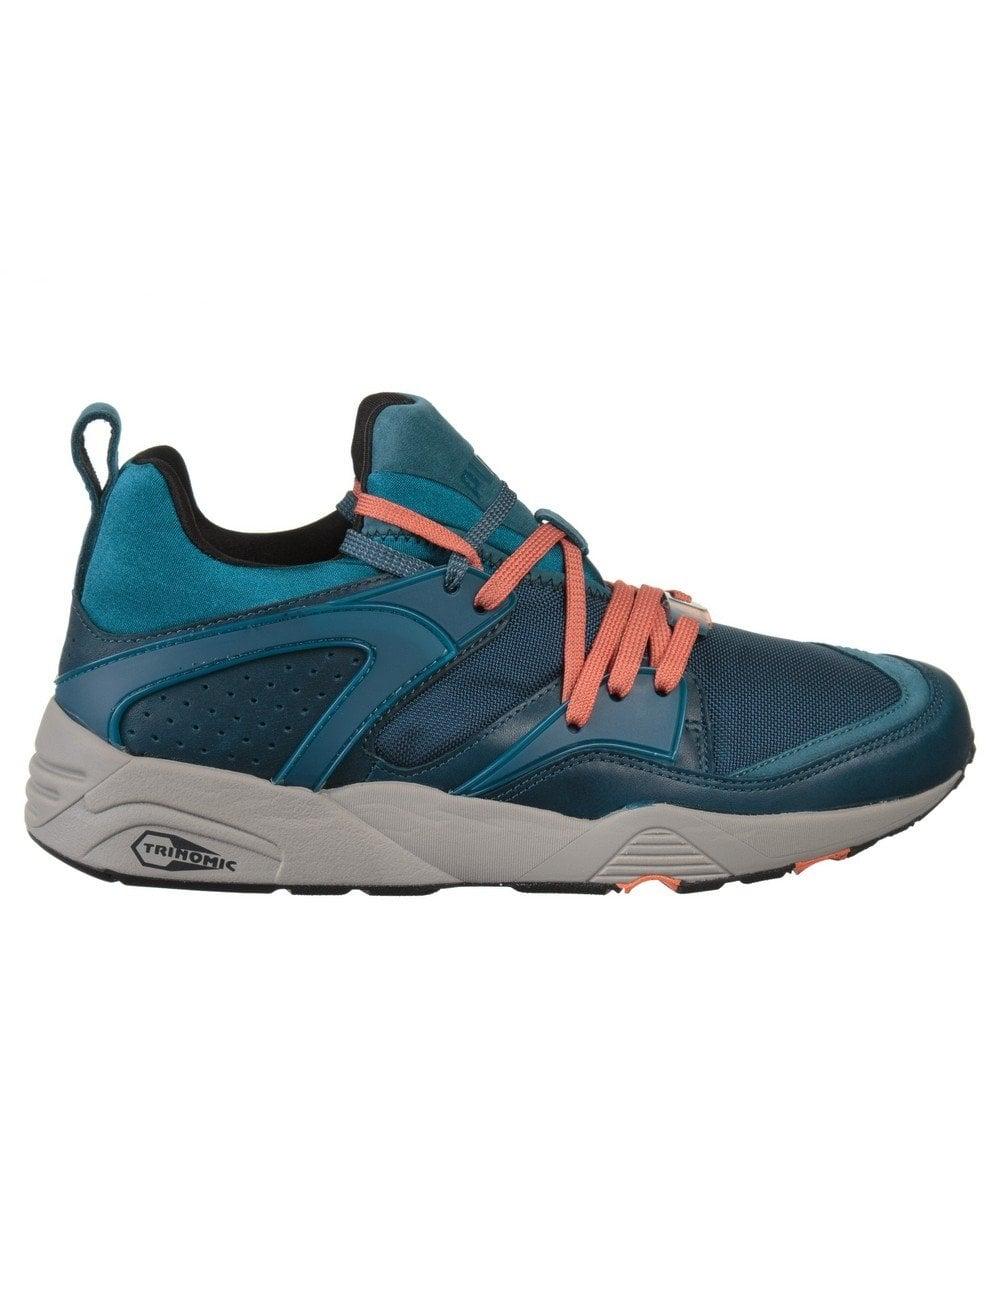 plus de photos 7fc0a 404c2 Blaze of Glory Leather Shoes - Legion Blue